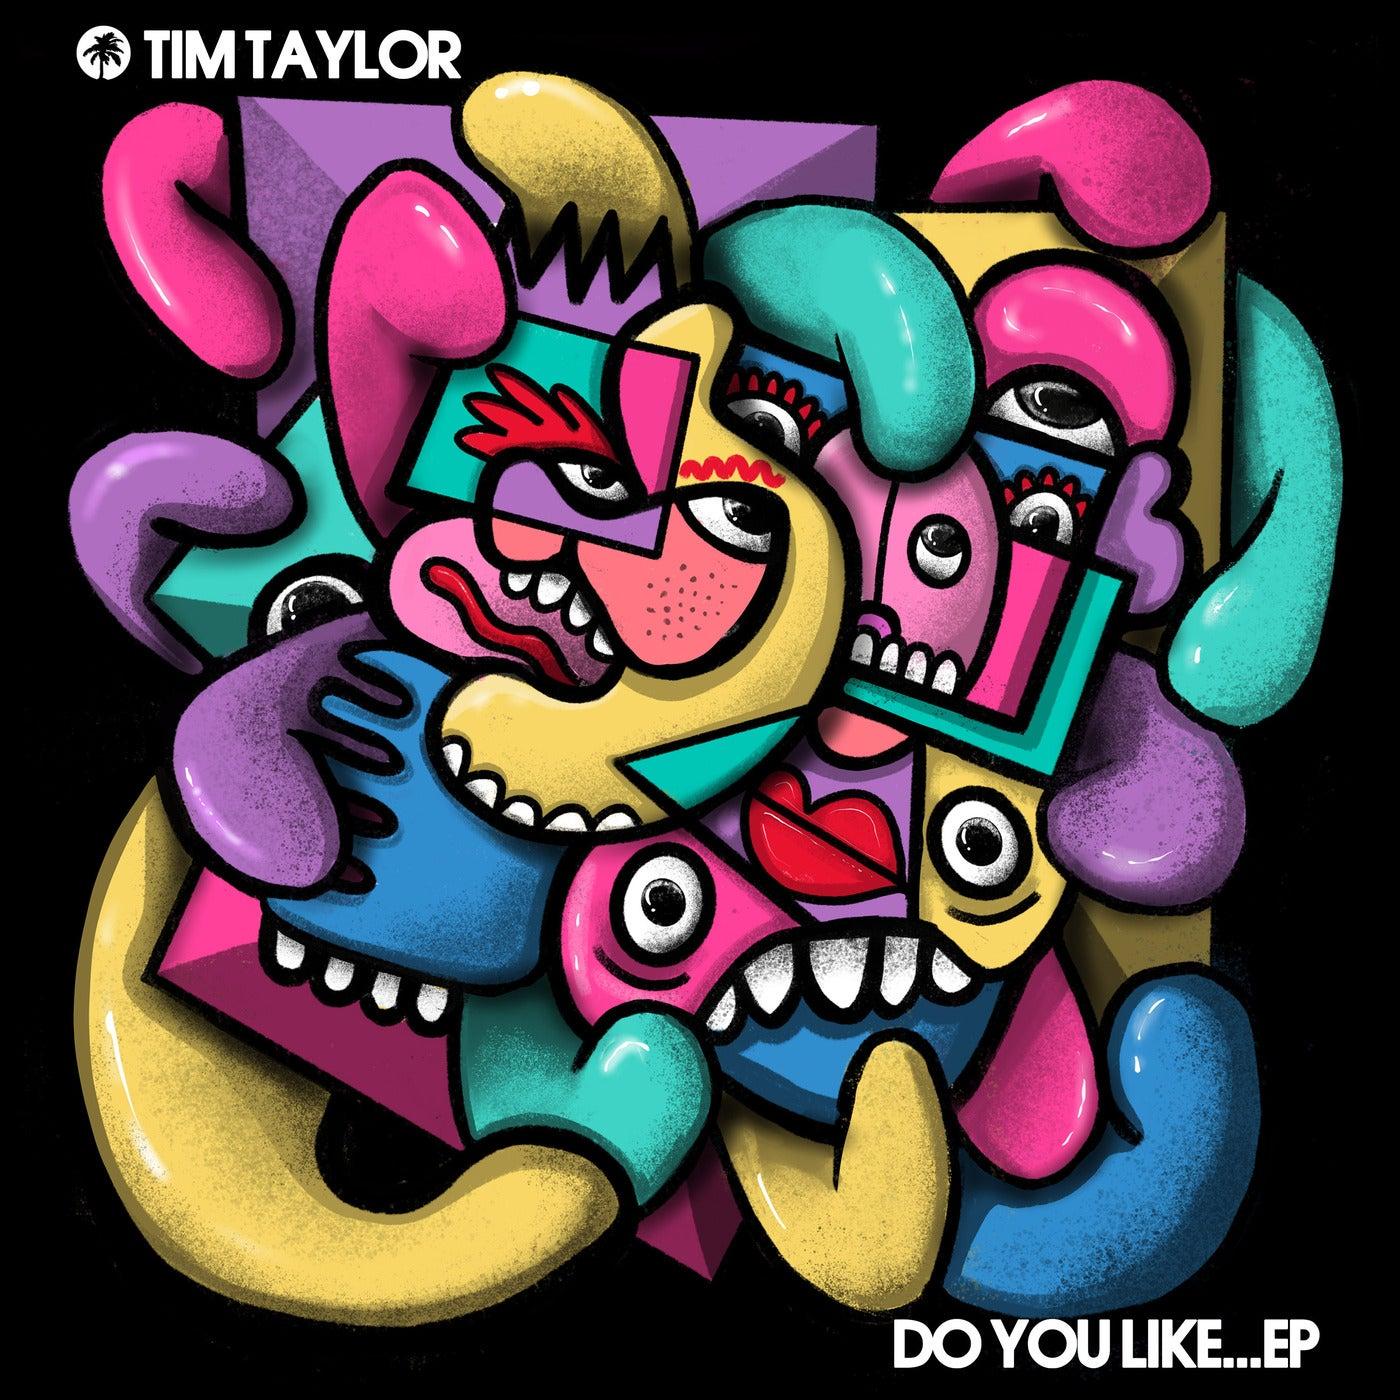 Do You Like... (Original Mix)